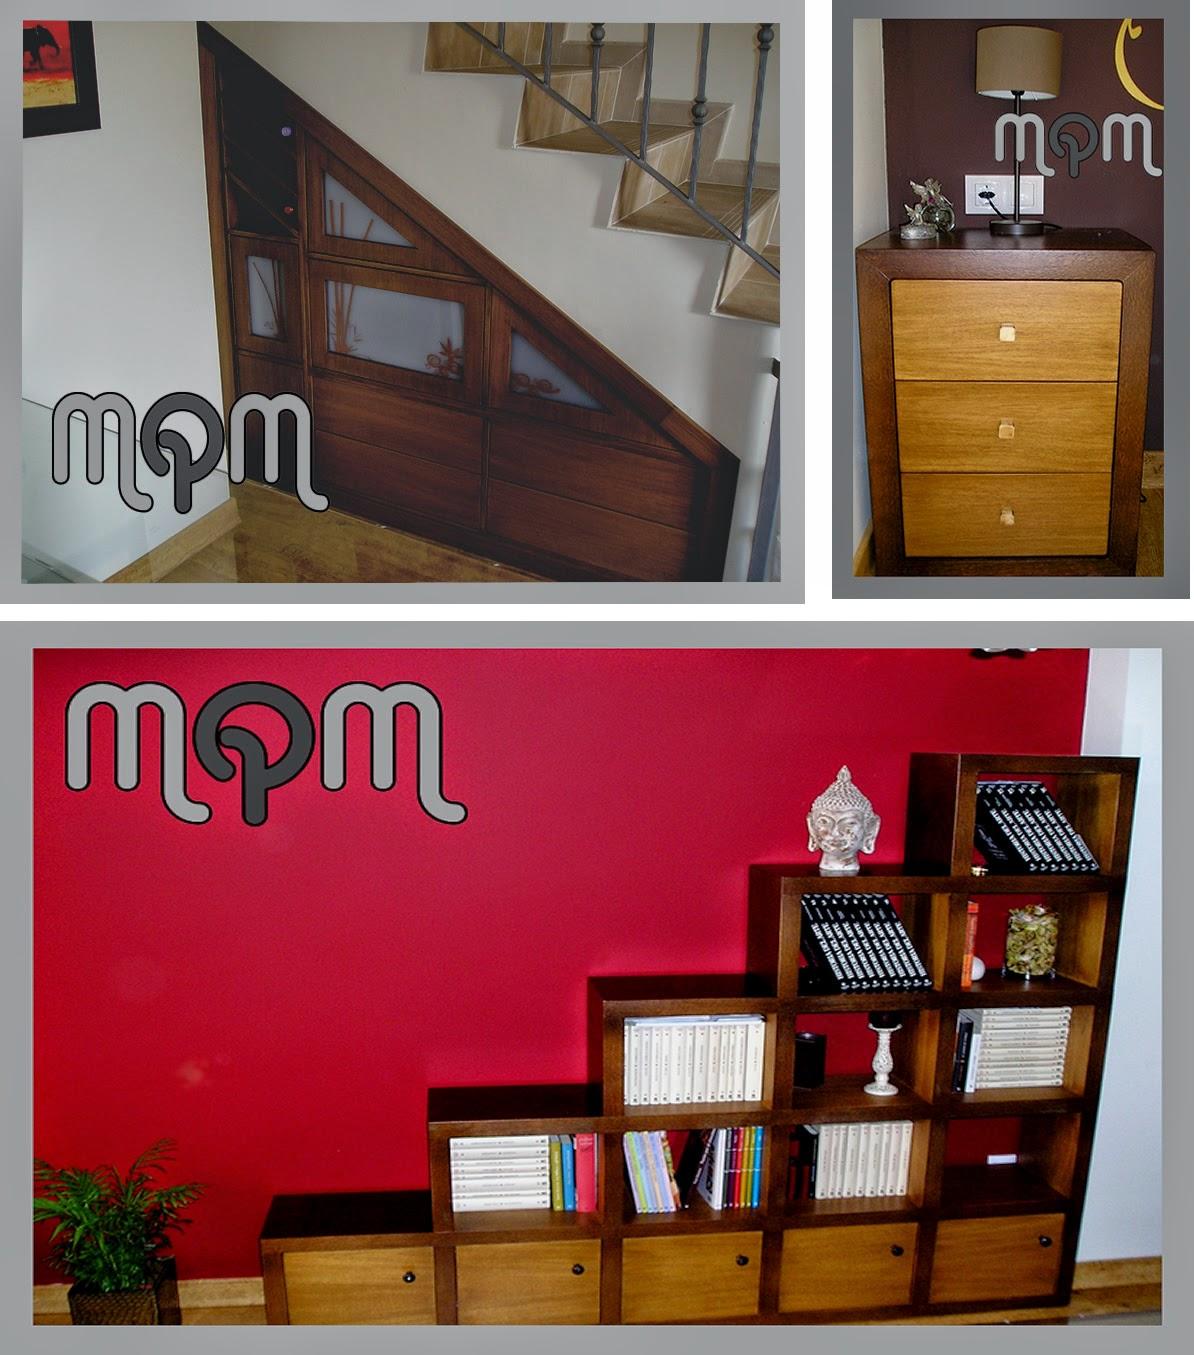 Ver catalogo de muebles coppel for Catalogos de muebles baratos